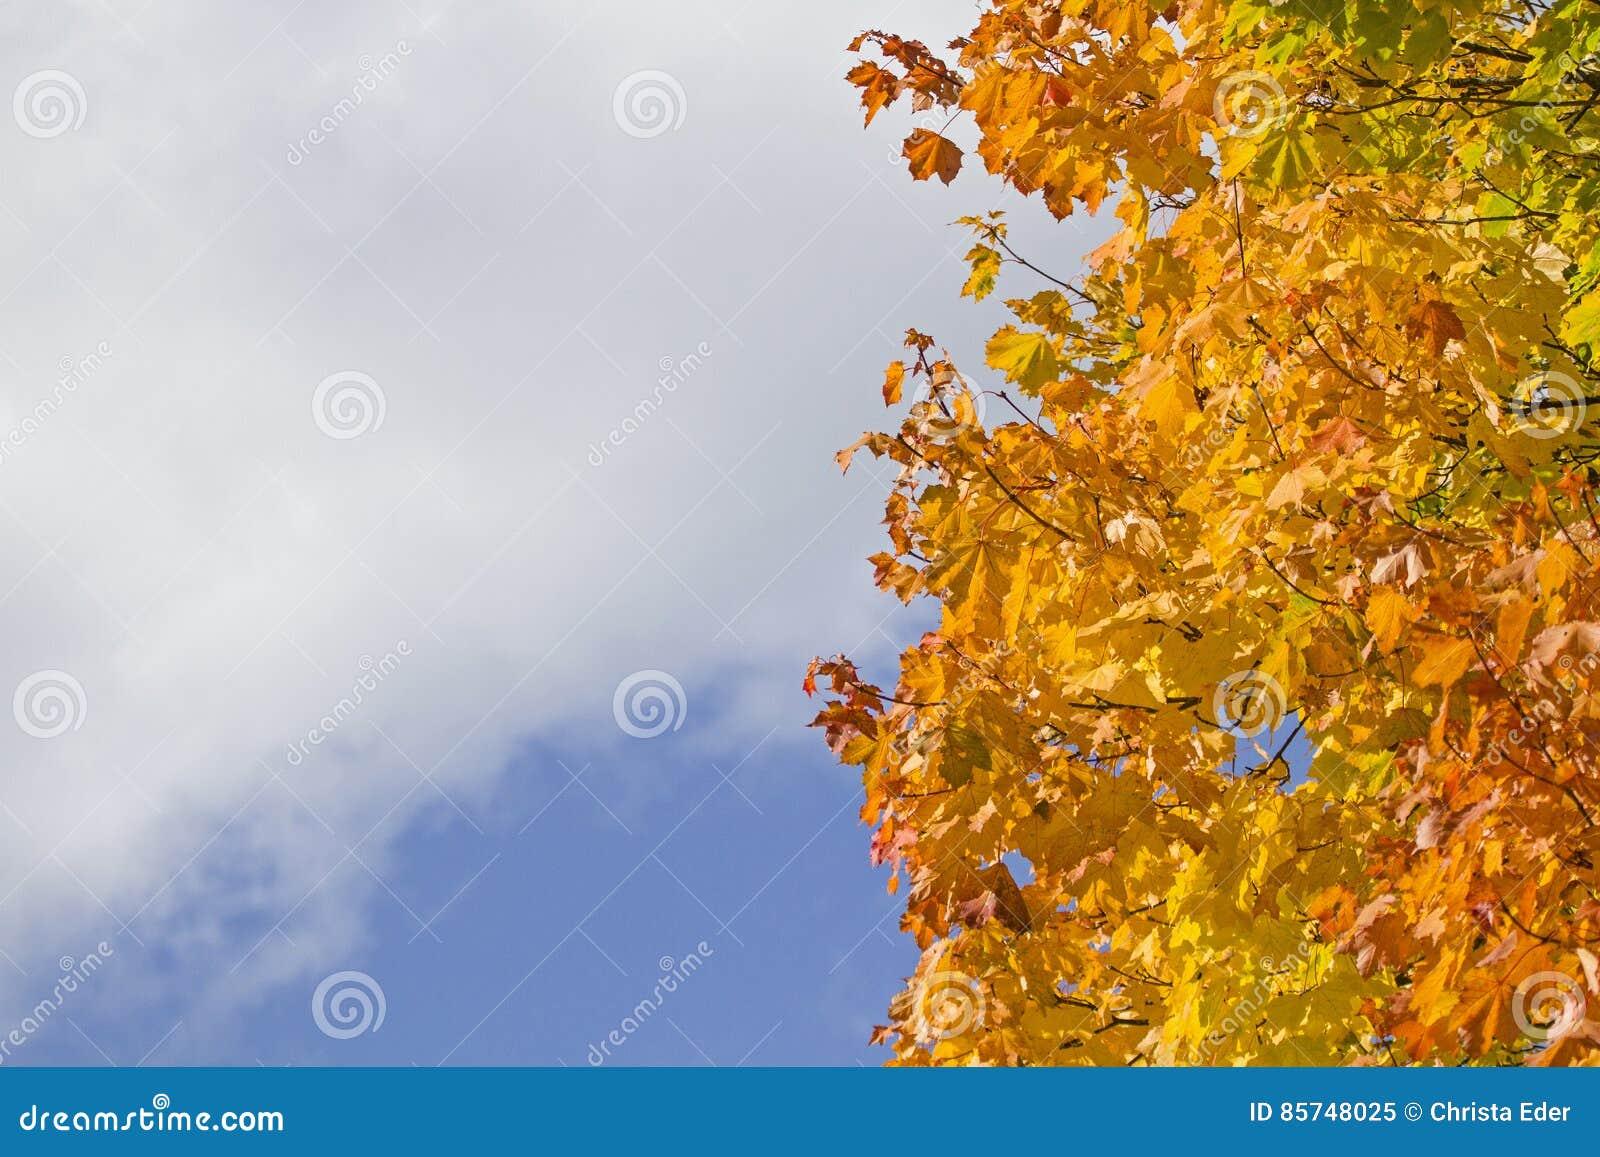 Hoja Que Colorea En Octubre Imagen de archivo - Imagen de árbol ...